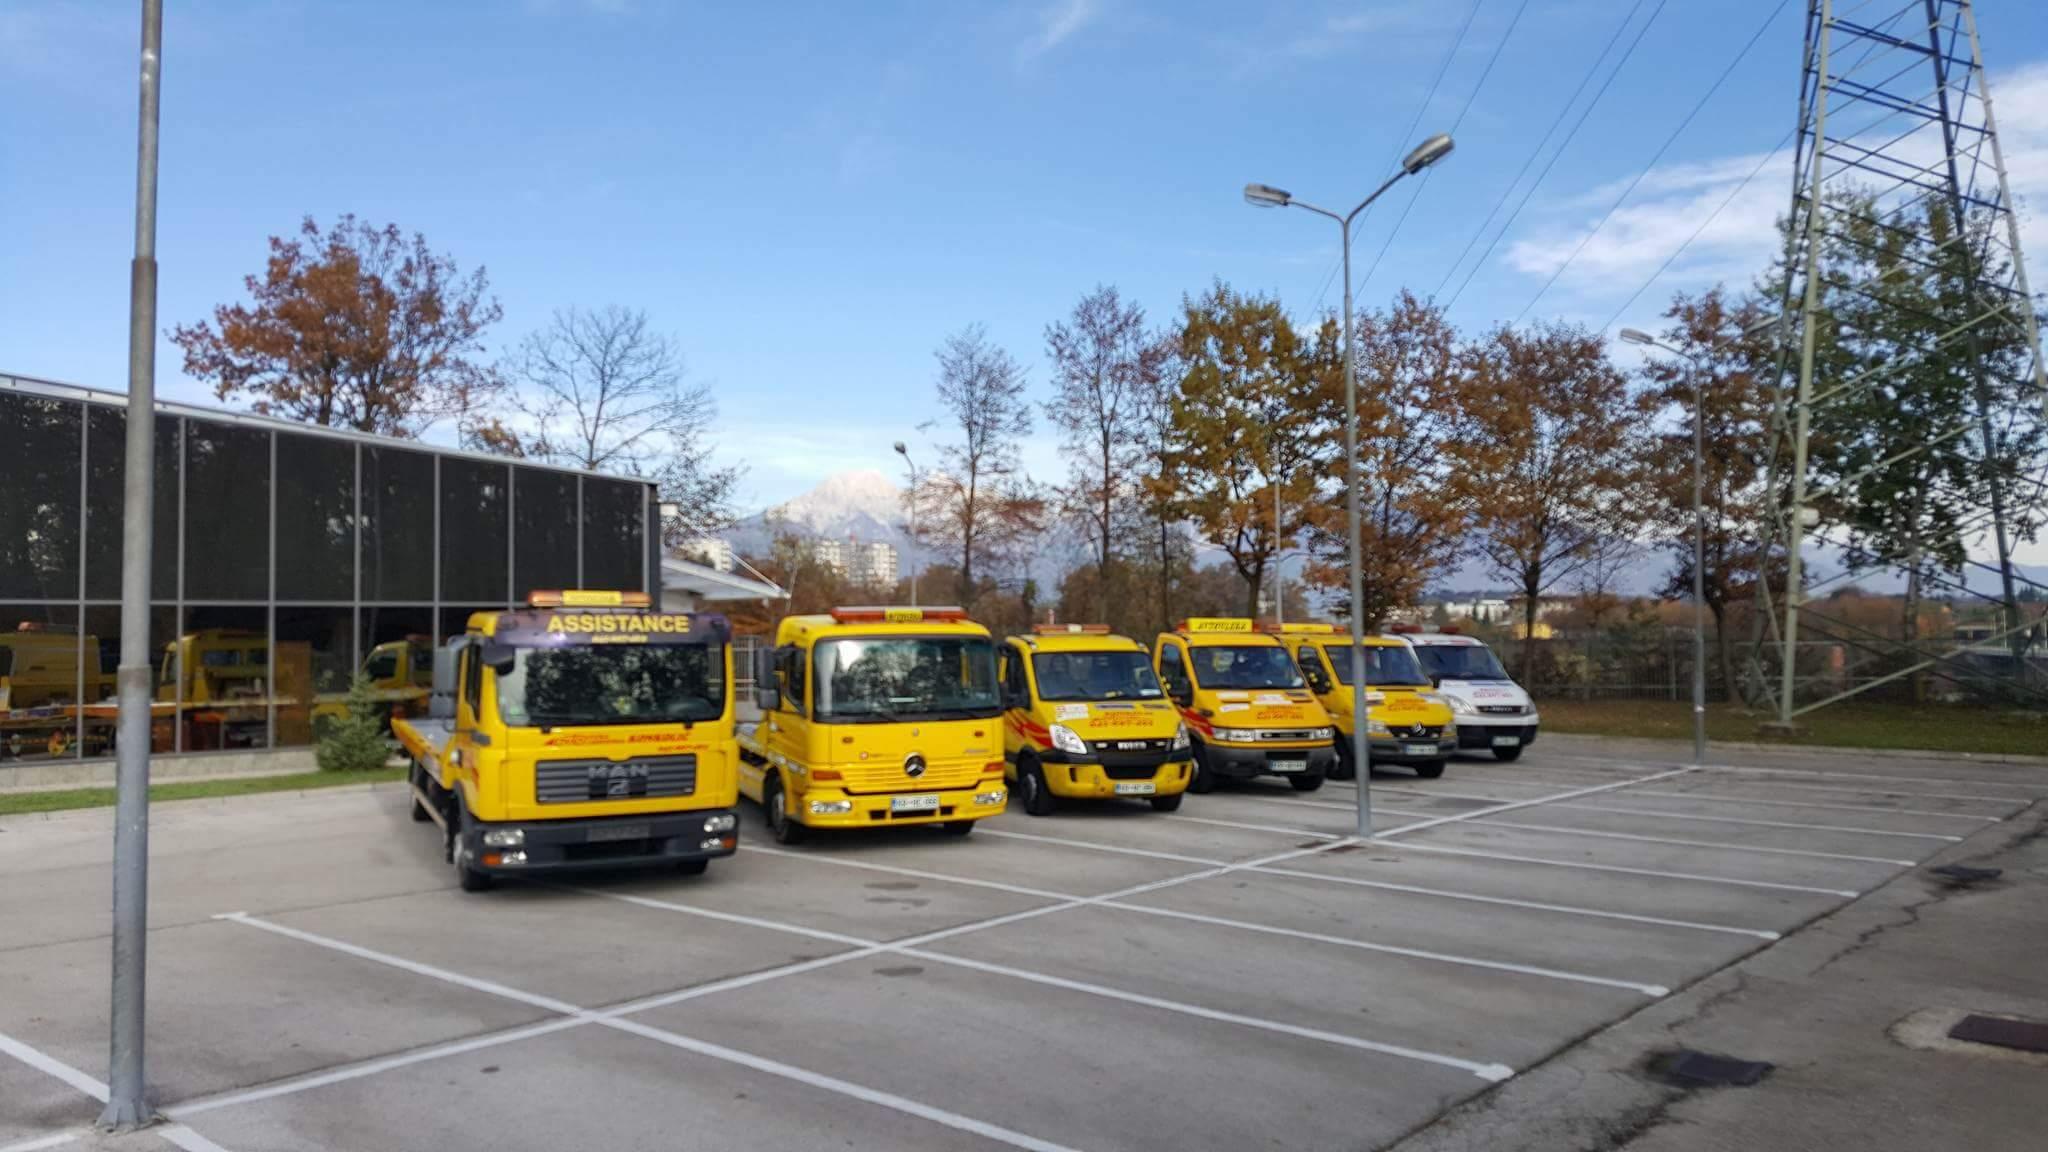 Avtovleka Kranj - Avtoasistenca Konkolič Kranj, Towing Service Kranj, Abschleppdienst Kranj received_10206014332952521